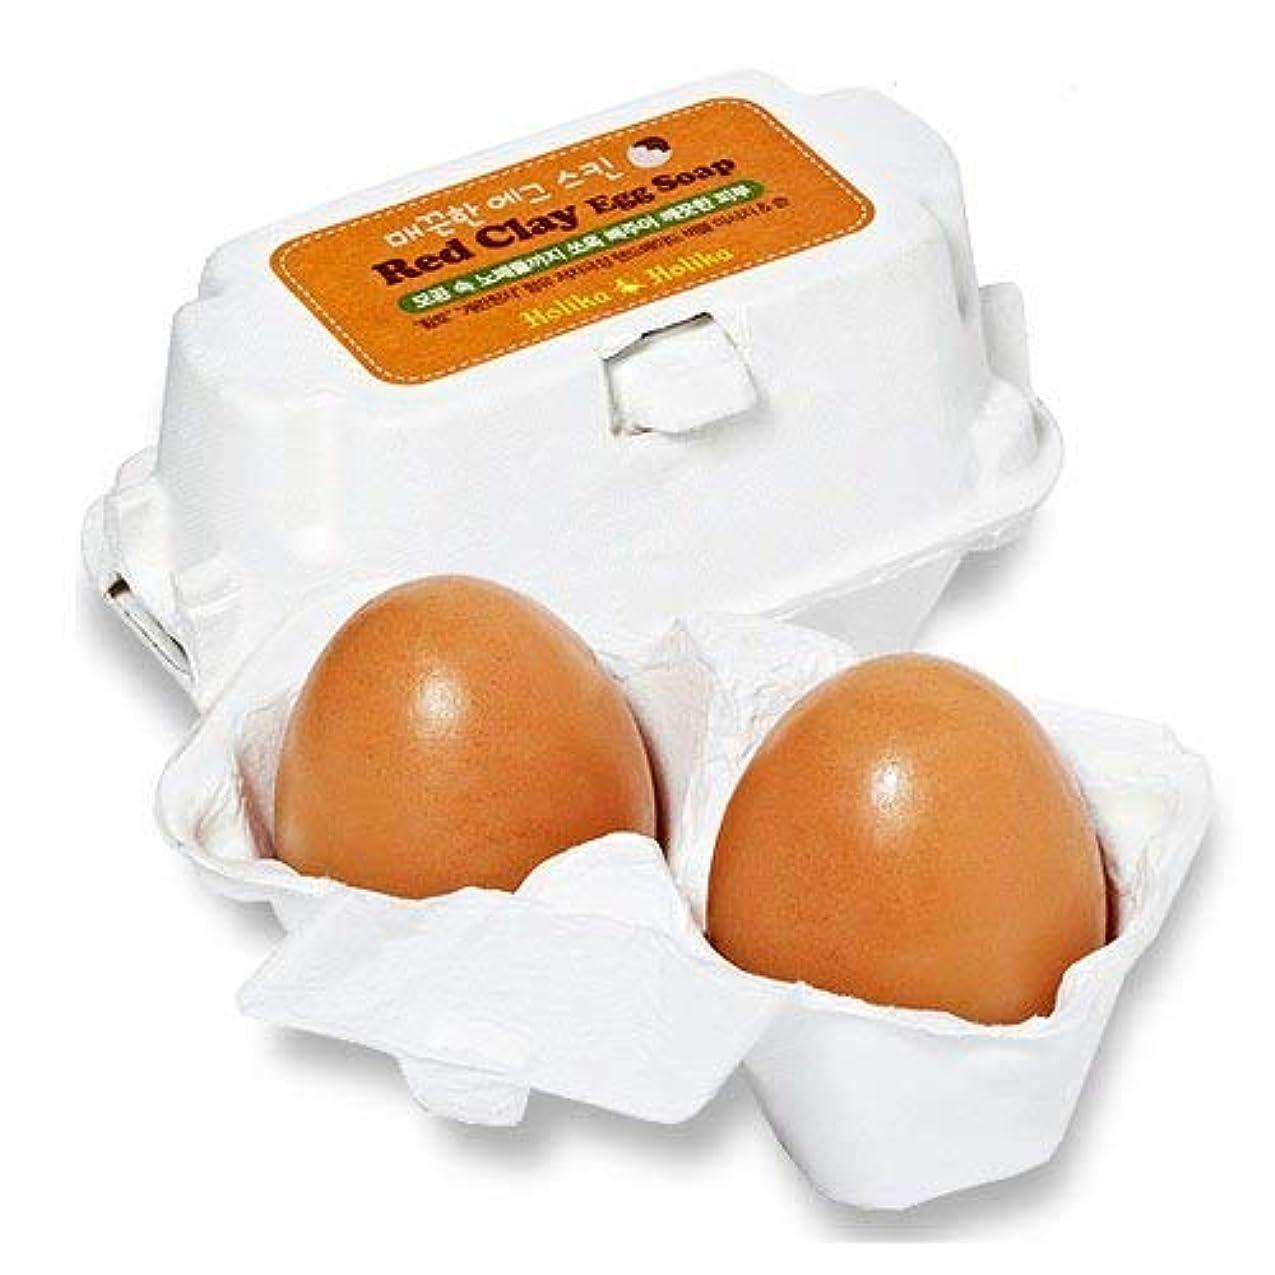 旅近所の主導権[黄土/Red Clay] Holika Holika Egg Skin Egg Soap ホリカホリカ エッグスキン エッグソープ (50g*2個) [並行輸入品]